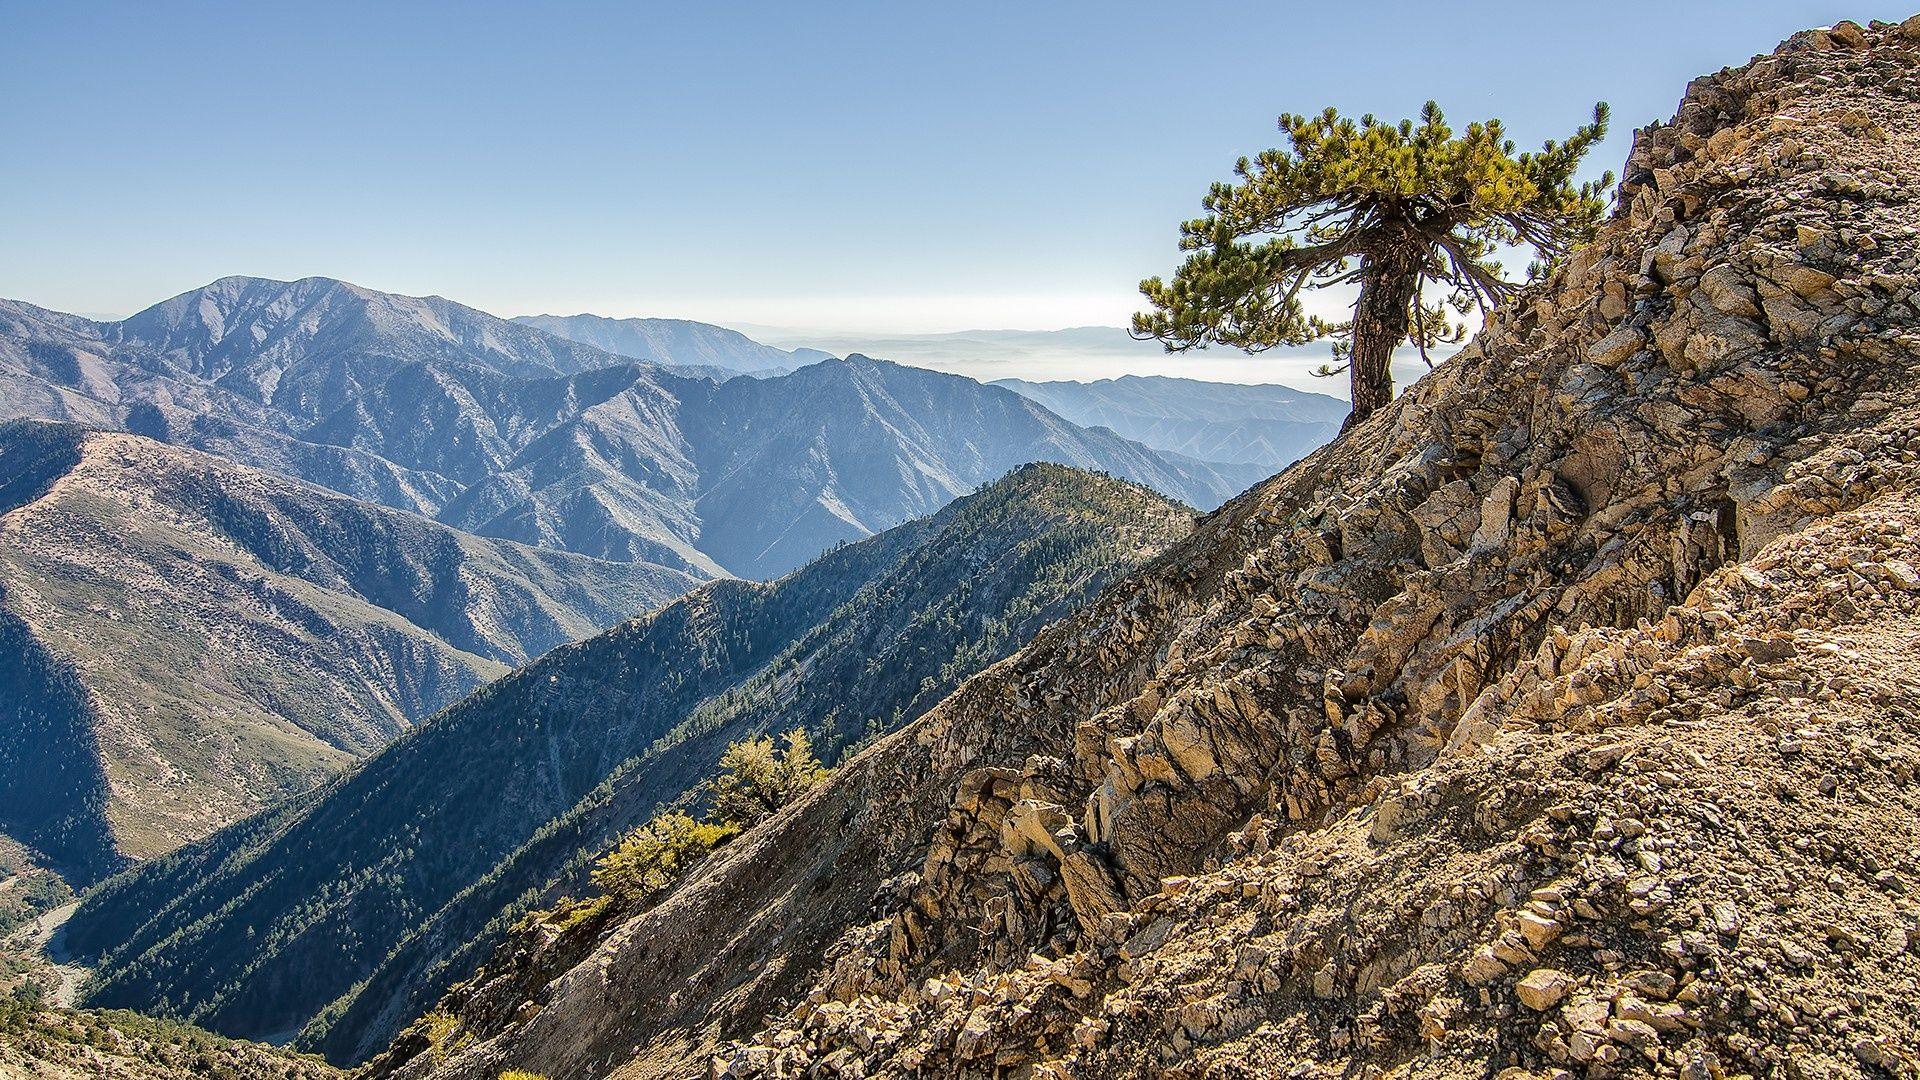 mountainscape wallpaper 33210